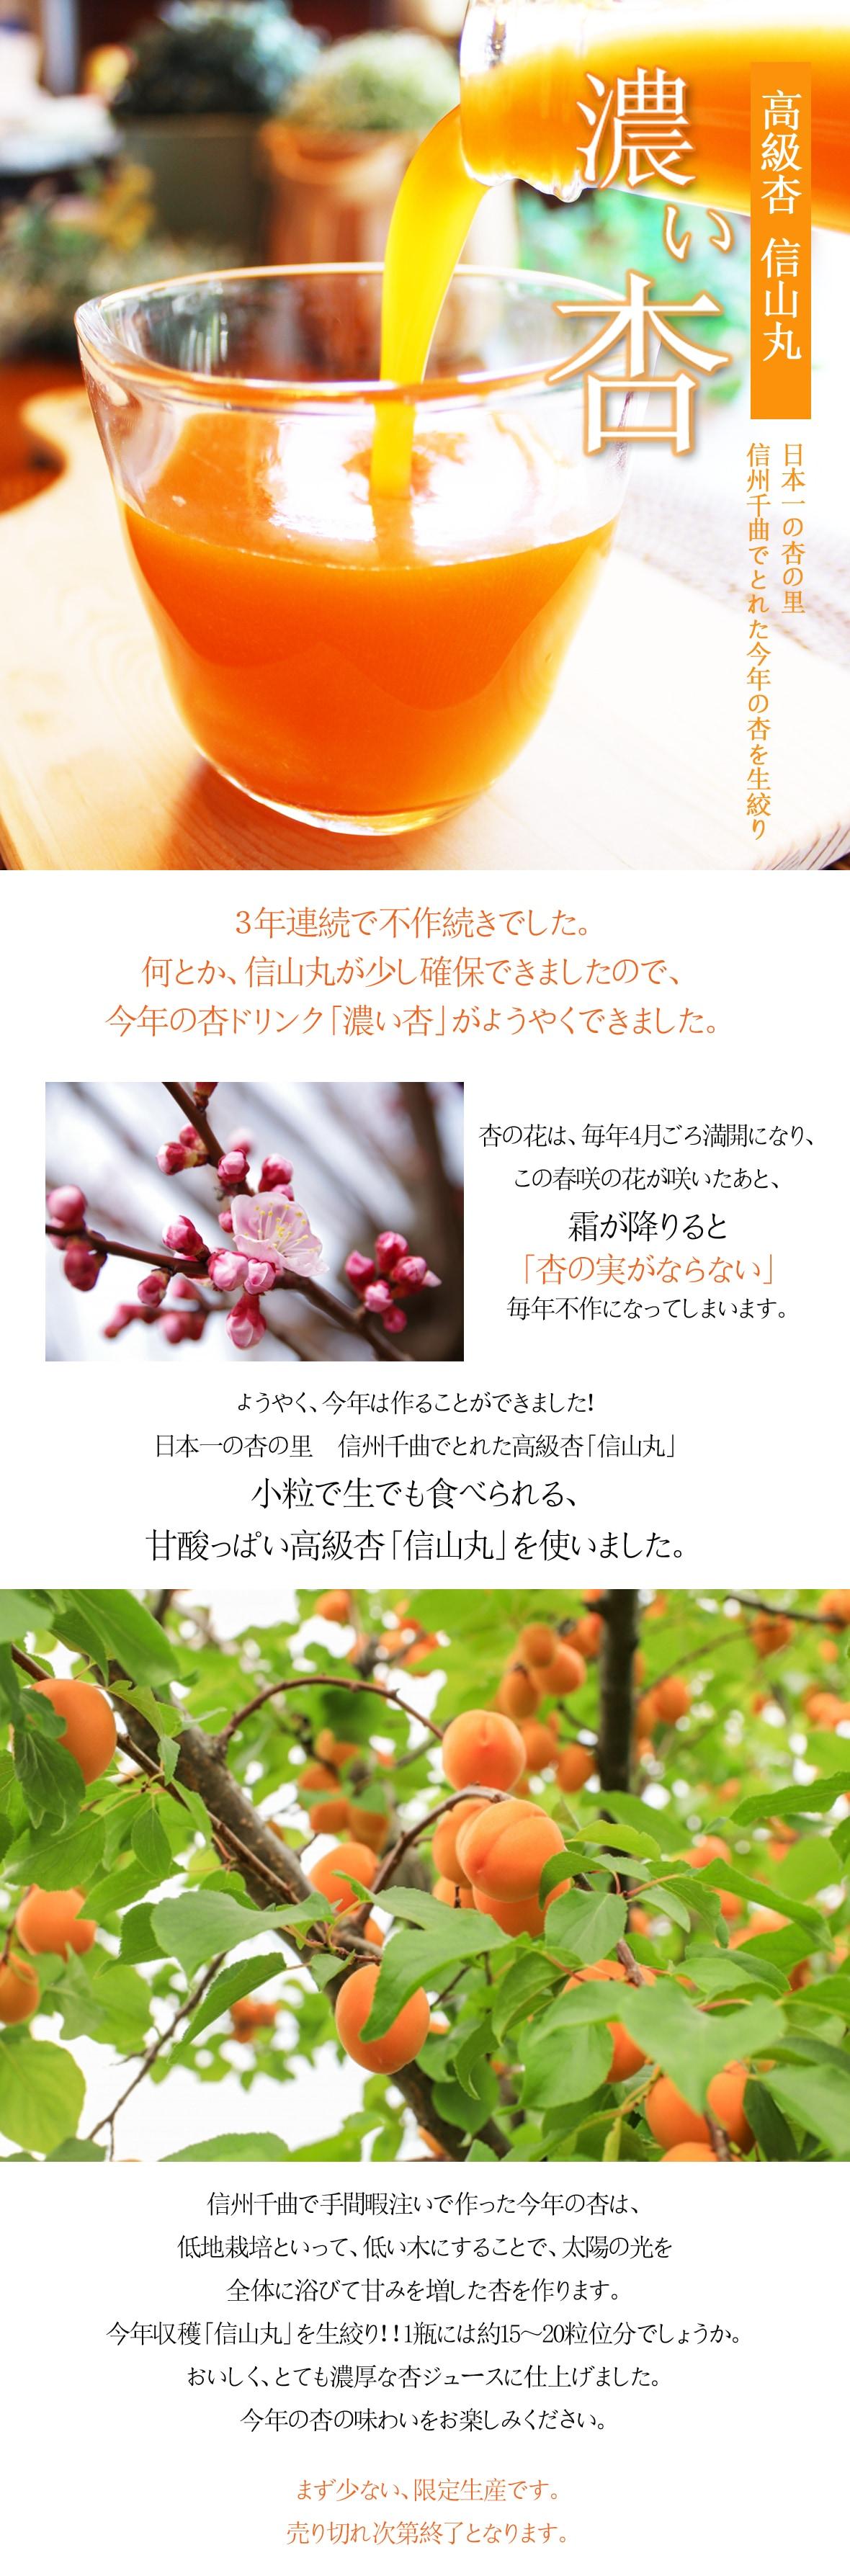 濃い杏ジュース